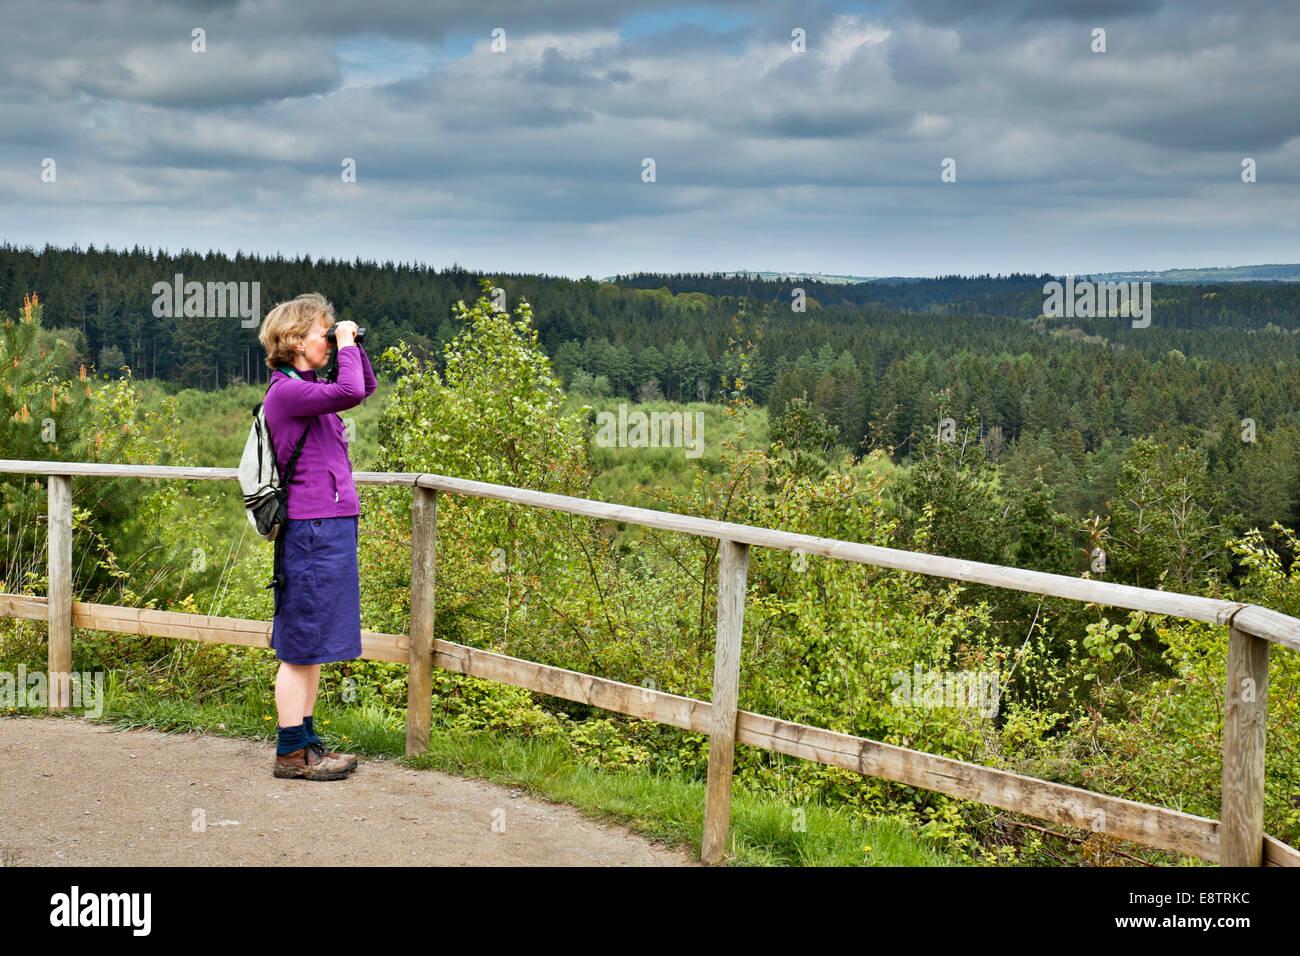 Neue ausgefallene Sicht; Forest of Dean; UK Stockbild